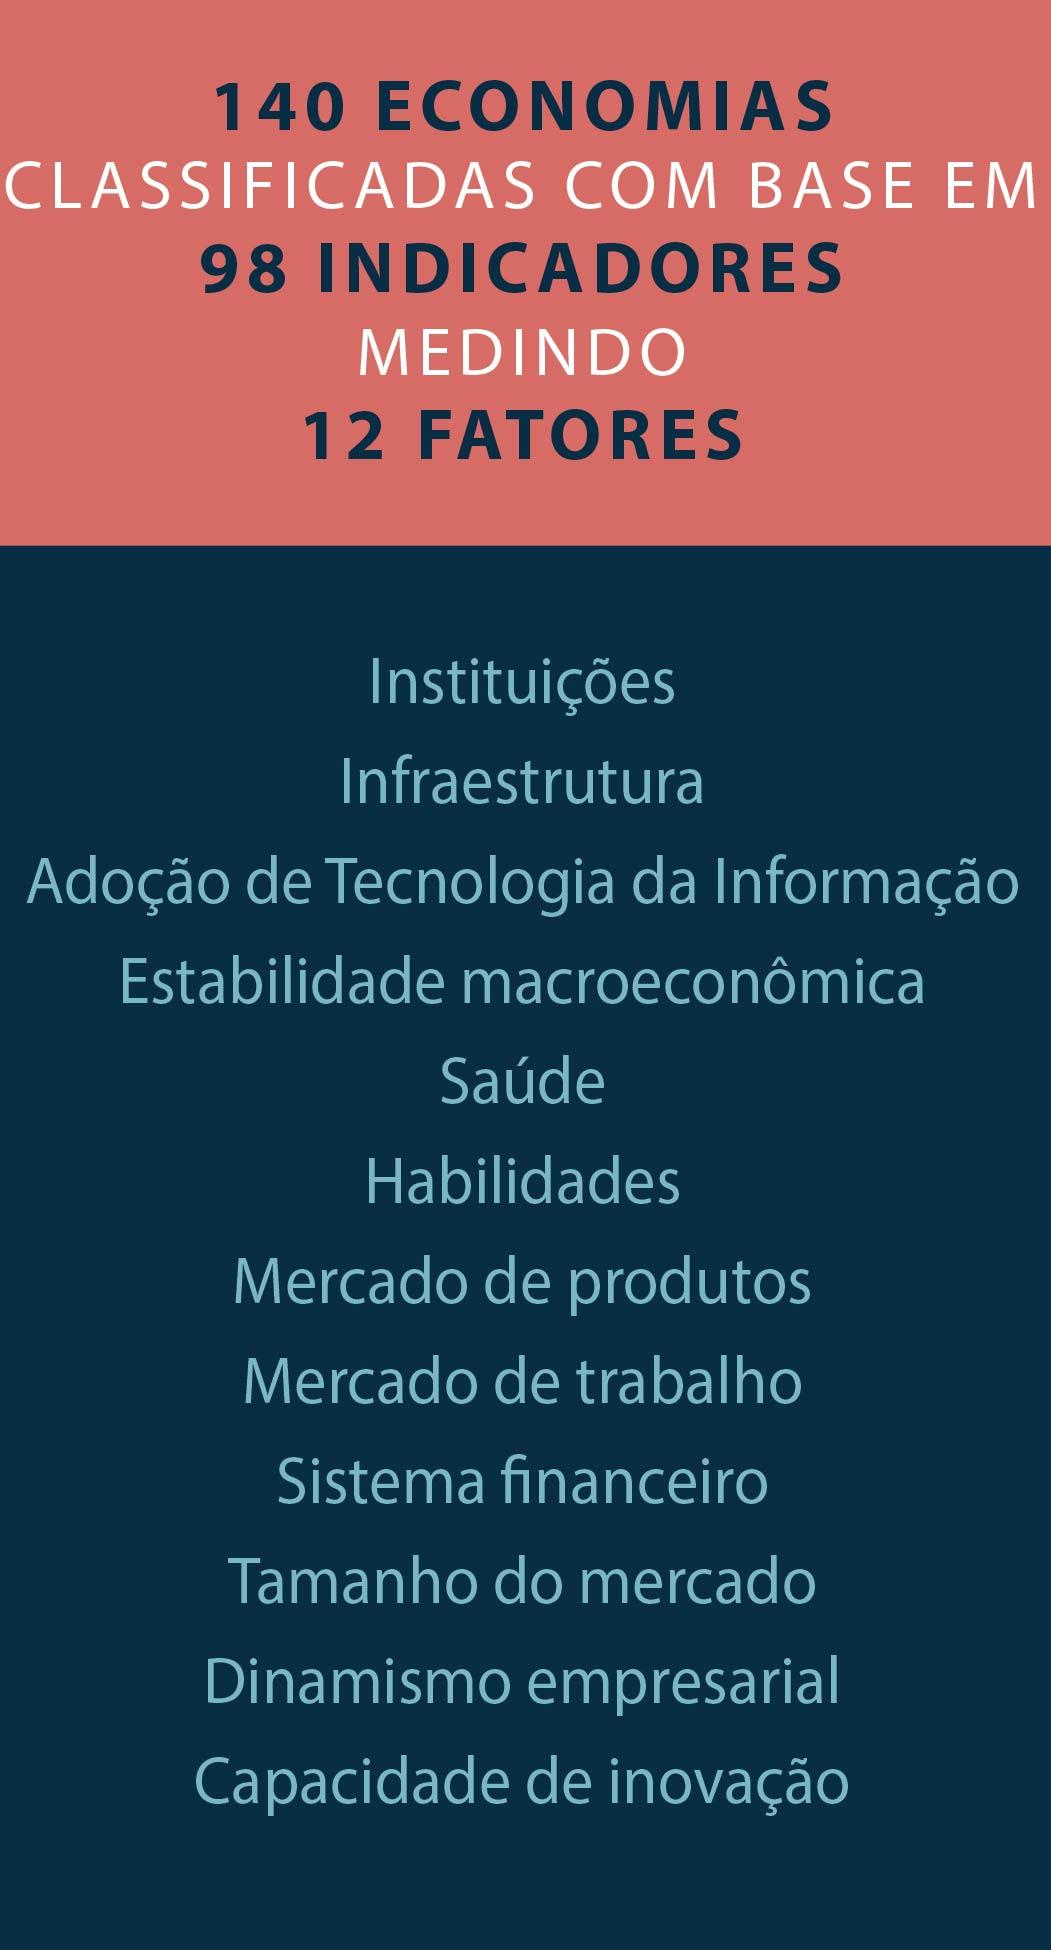 Gráfico lista fatores com base nos quais as economias foram medidas (Depto. de Estado/L. Rawls)